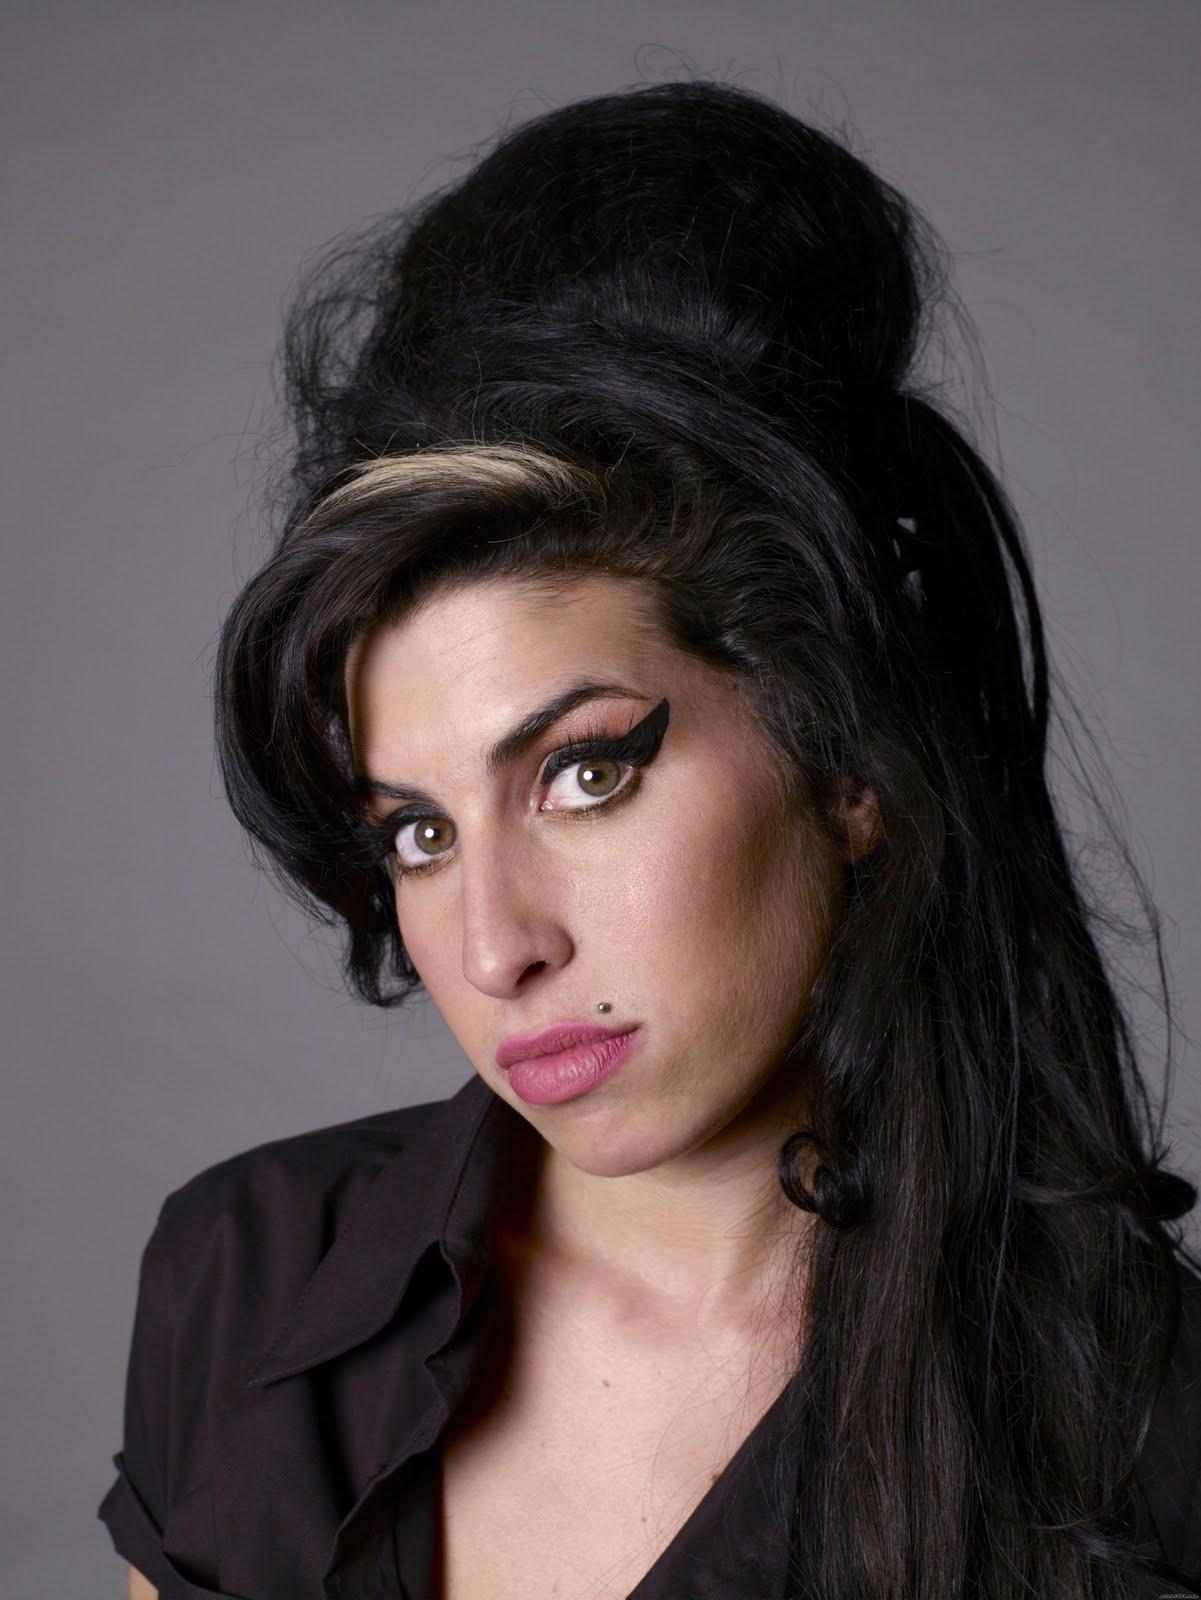 http://3.bp.blogspot.com/-qG7uv1W2JSc/Tir7lMGoD7I/AAAAAAAAamw/9f9uI5llRhE/s1600/Amy+Winehouse+wallpaper+%25284%2529.jpg